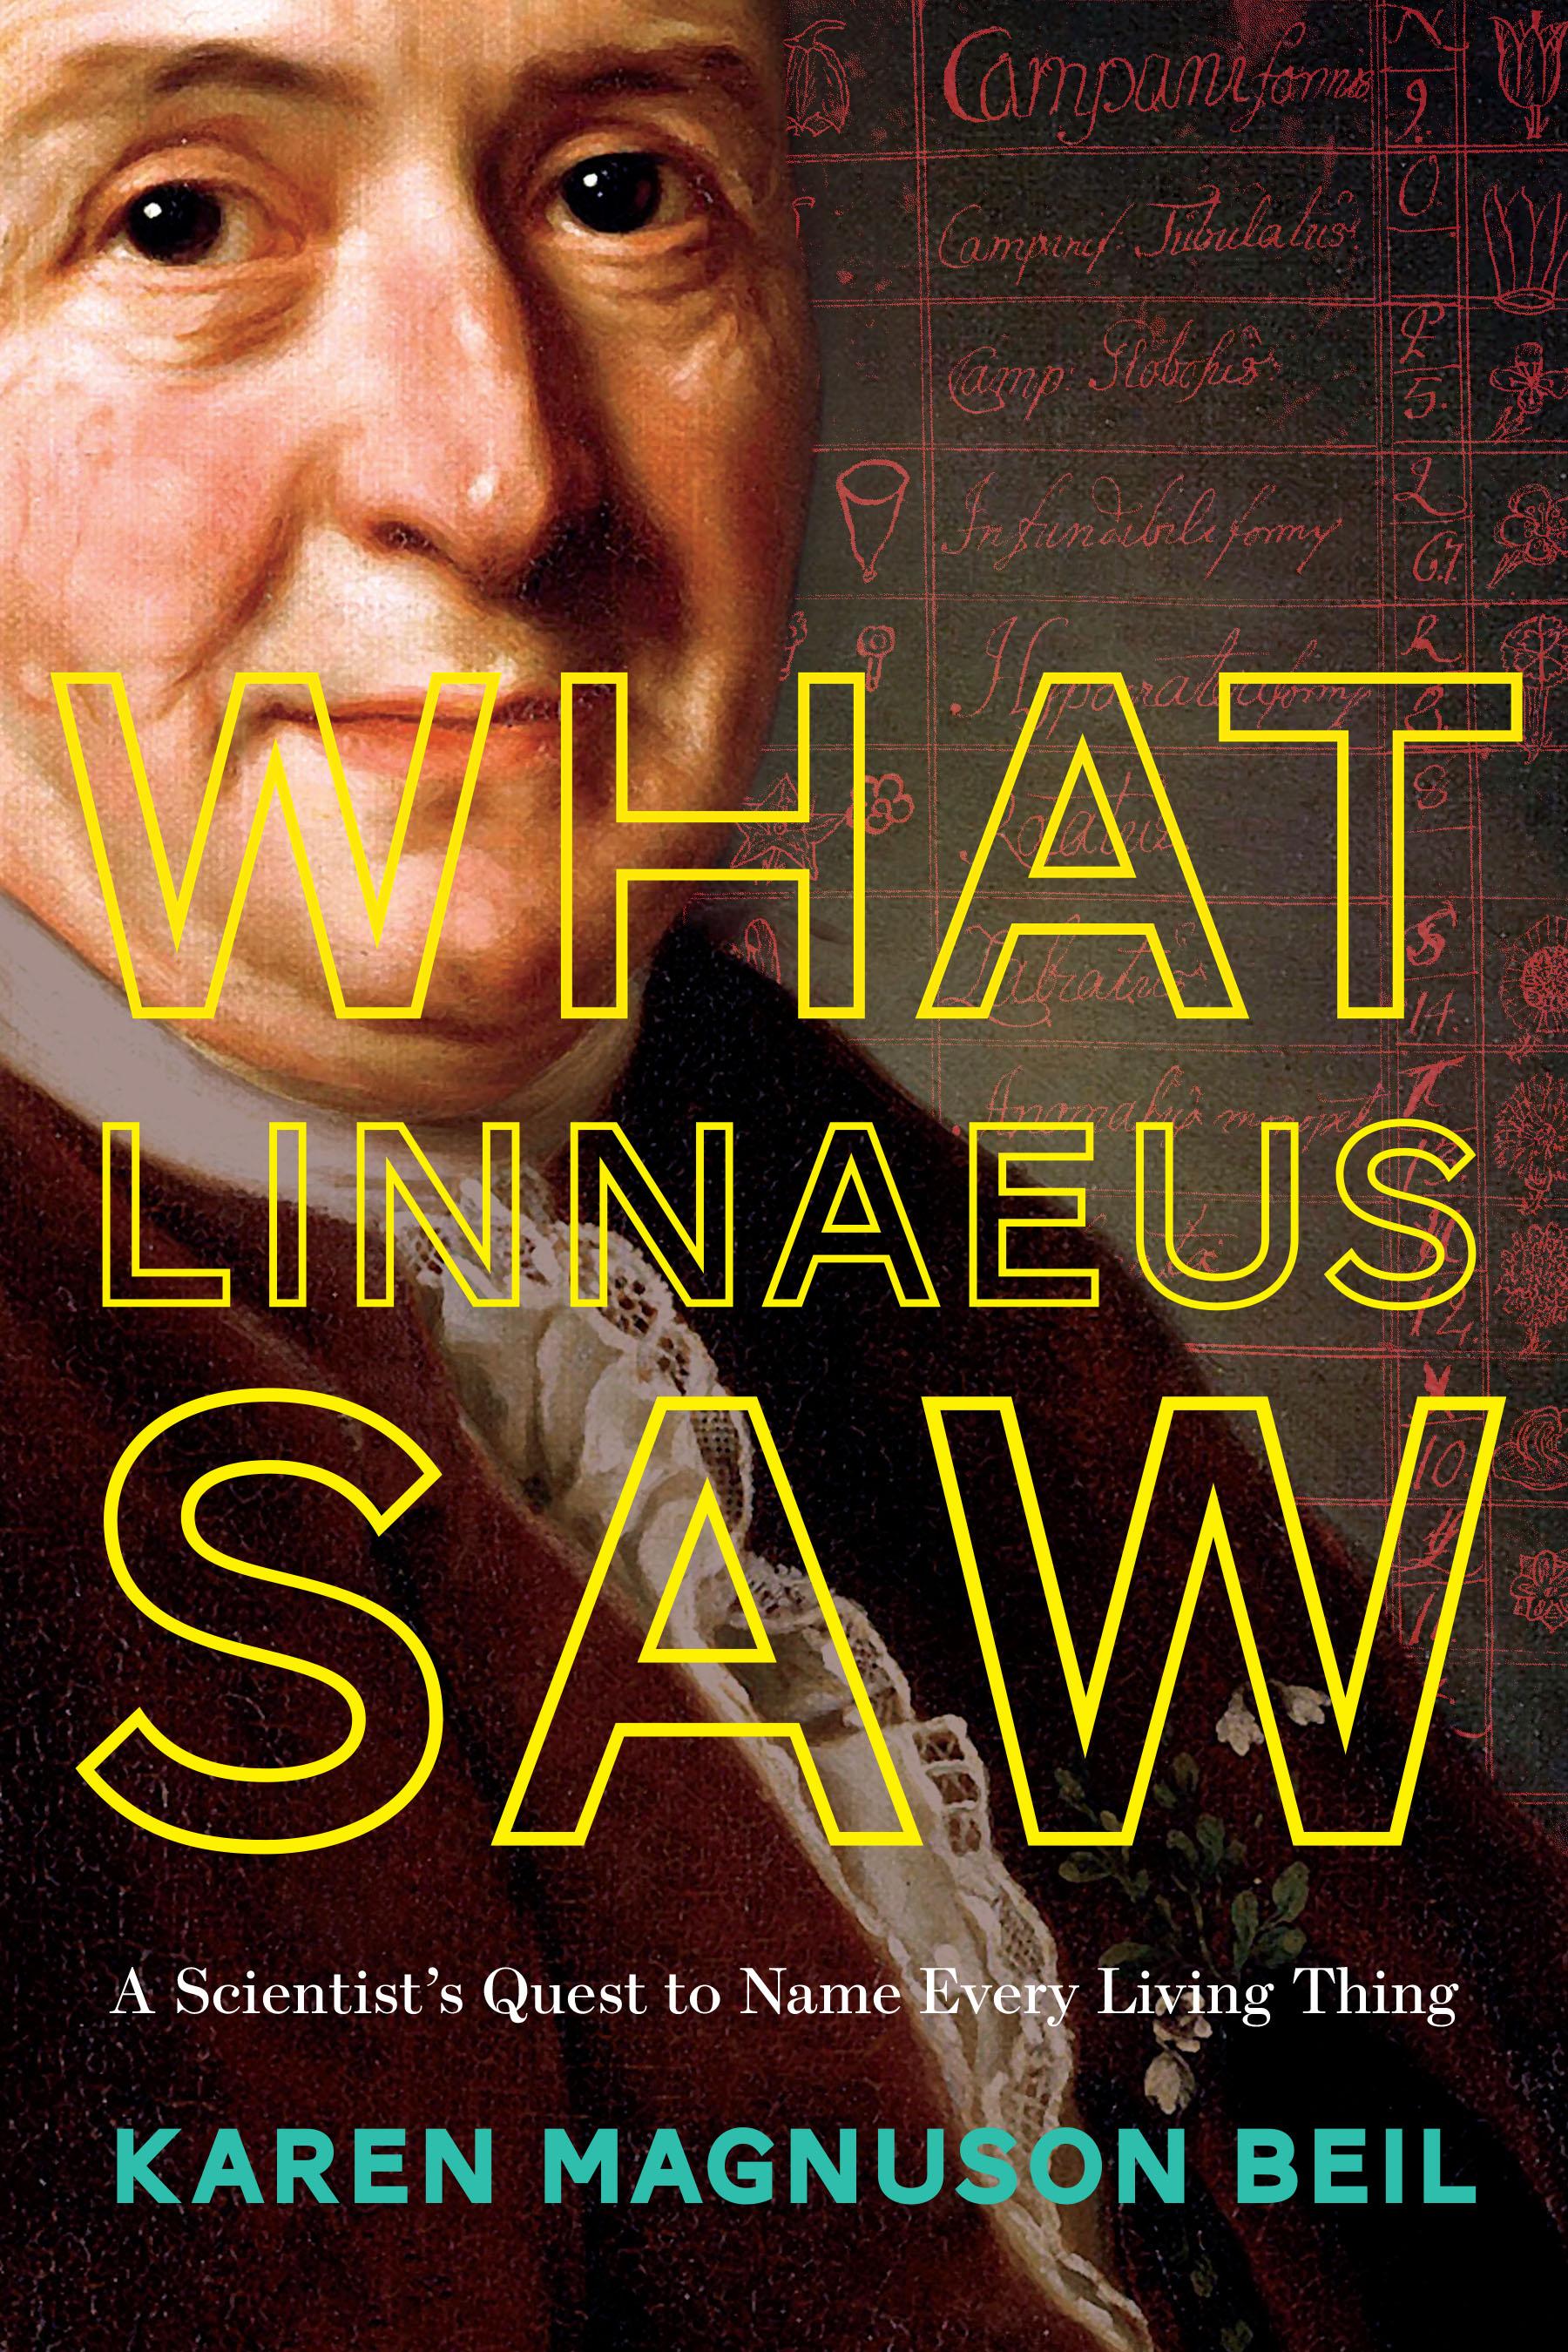 what_linnaeus_saw_book_cover.jpg